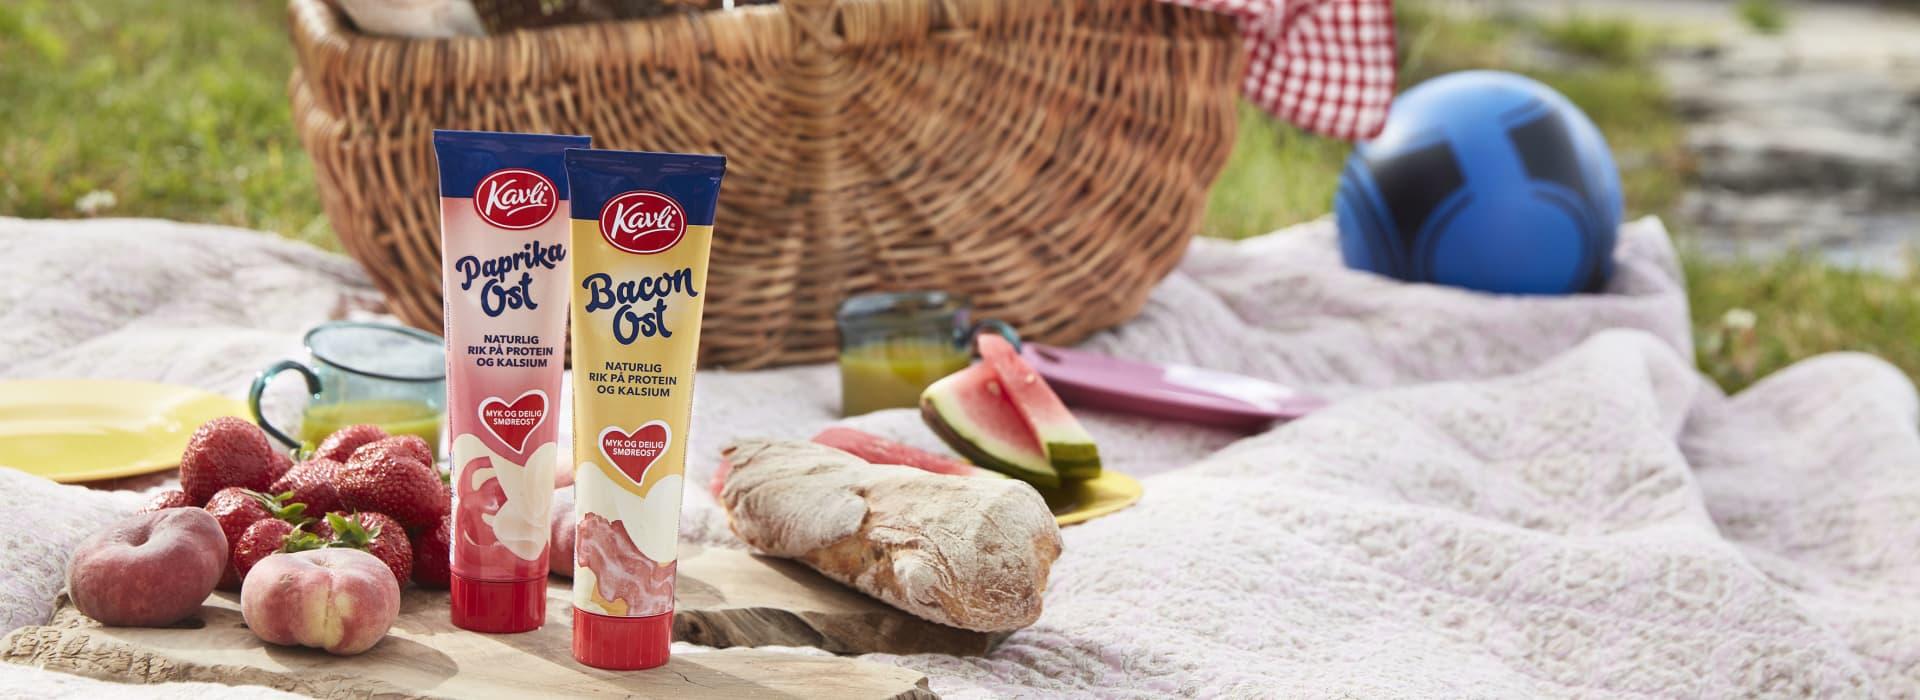 Piknik med Kavli tubeoster med smak av paprika og bacon.